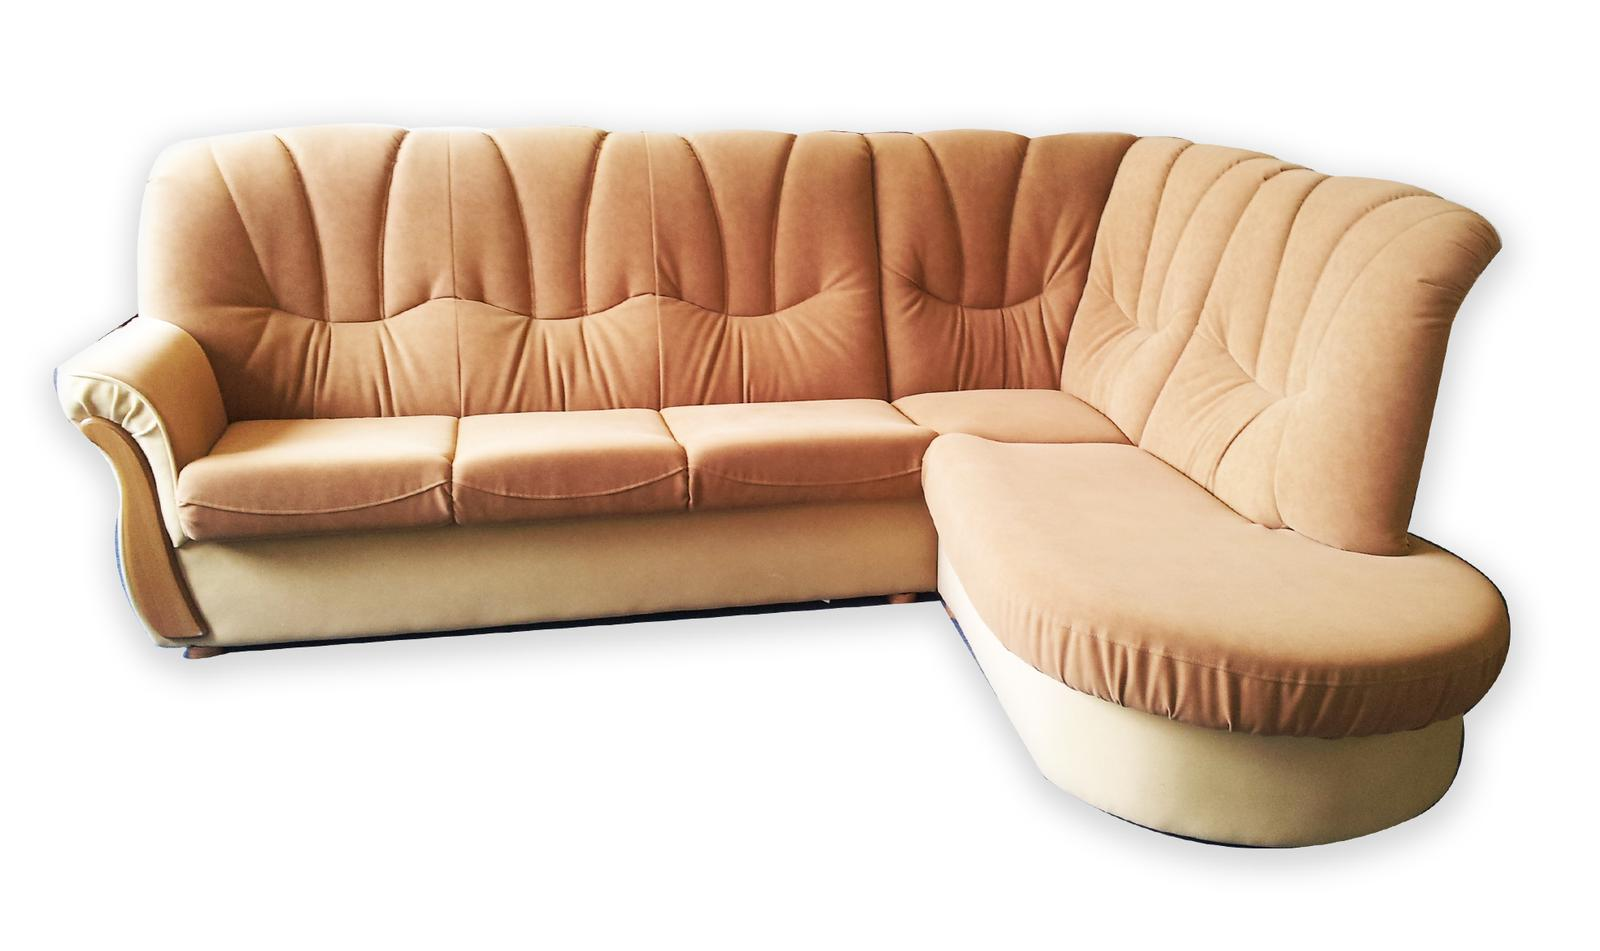 Rohová sedačka s taburetkou - Obrázok č. 1